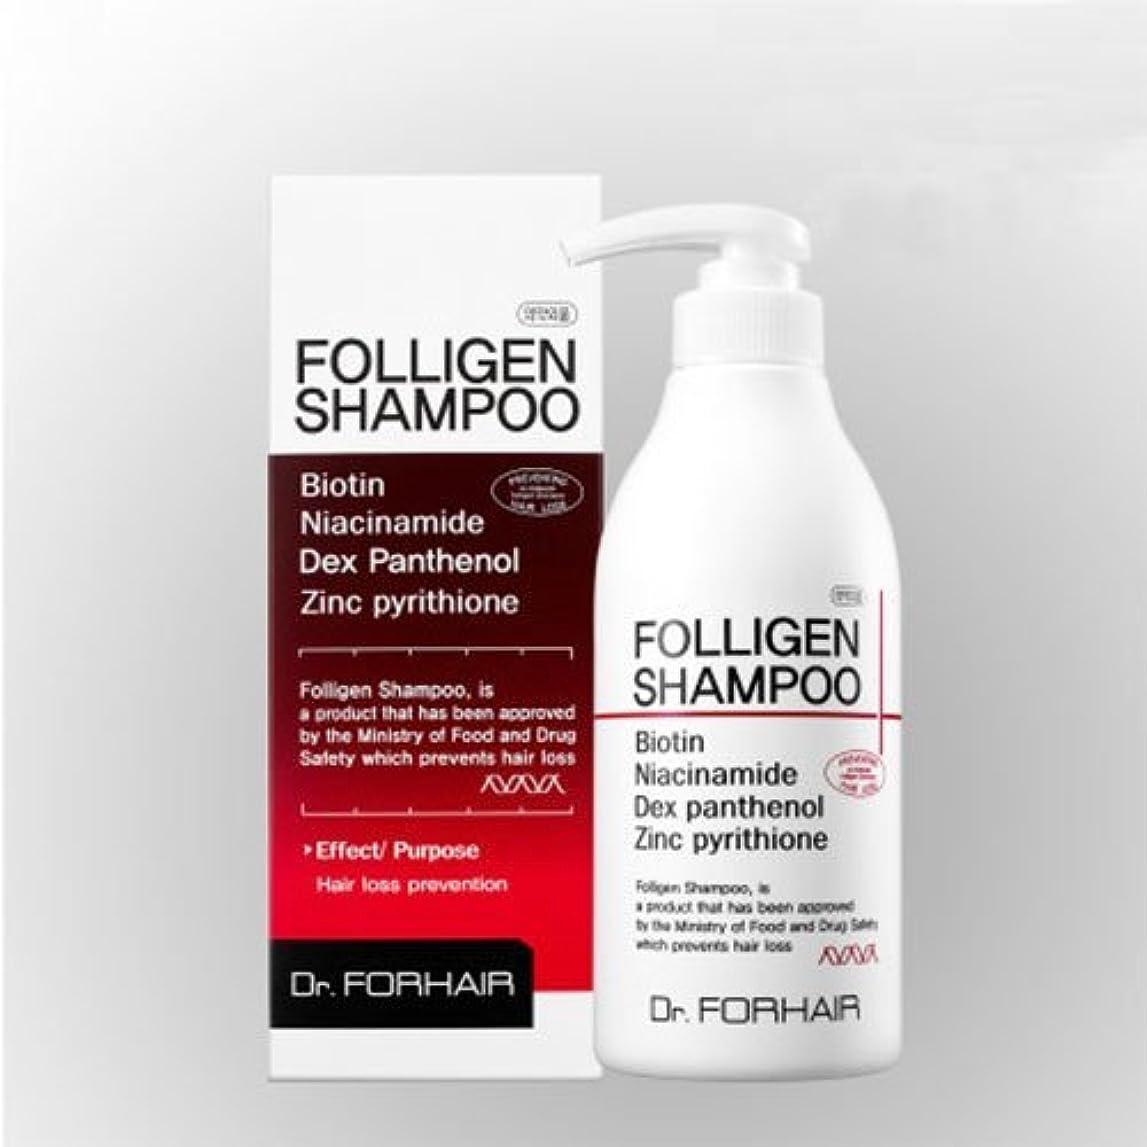 鎮静剤転用母音ダクト?フォーヘア ポルリジェン シャンプー500ml 脱毛防止シャンプー[並行輸入品] / Dr. Forhair Folligen Shampoo 500ml (16.9 fl.oz.) for Hair Loss Prevention